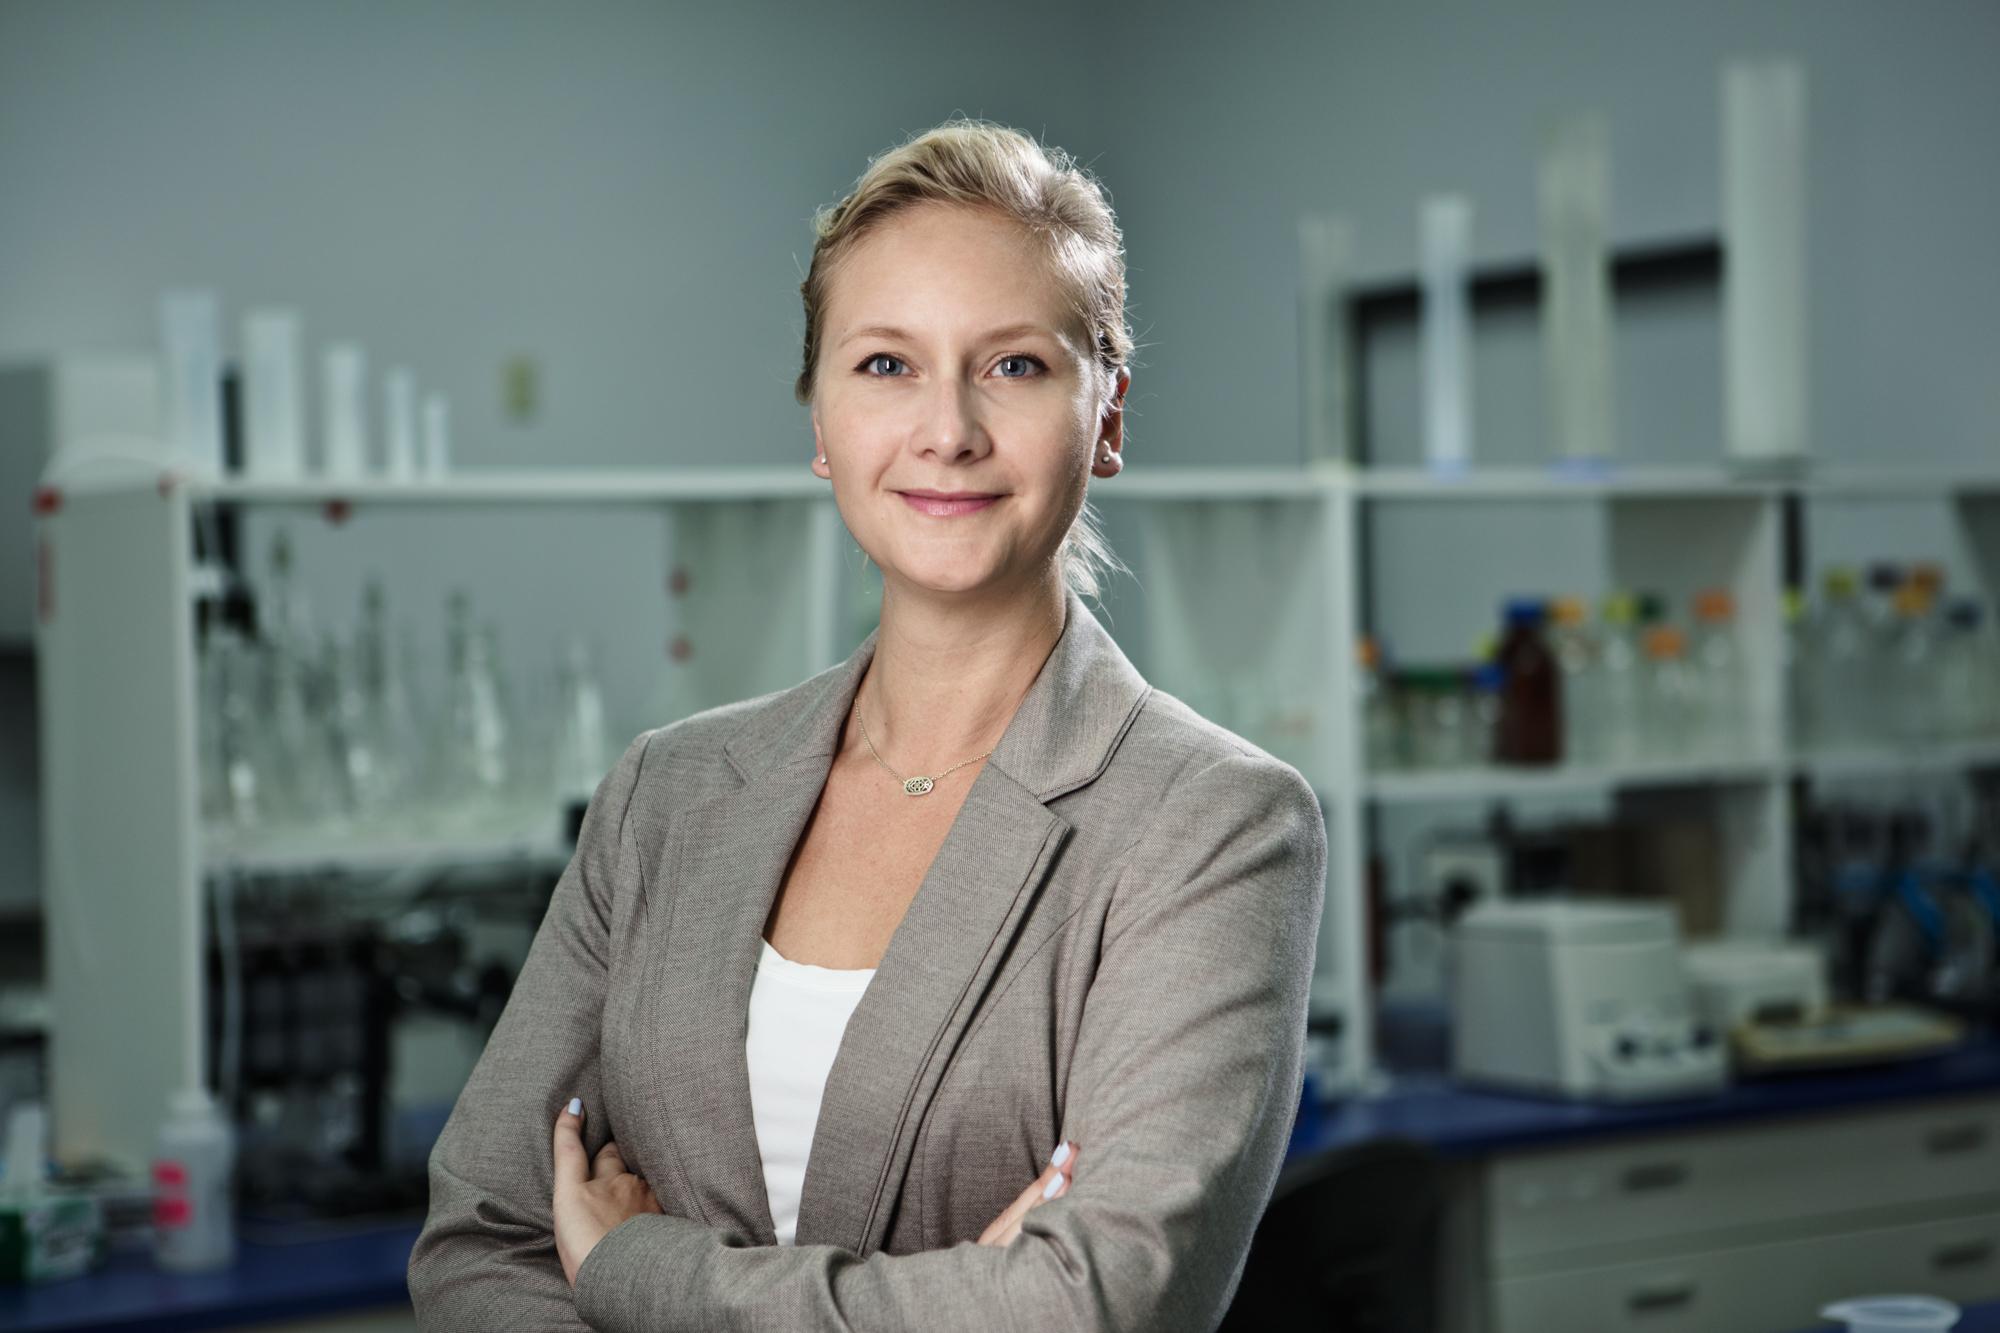 Orianna Bretschger